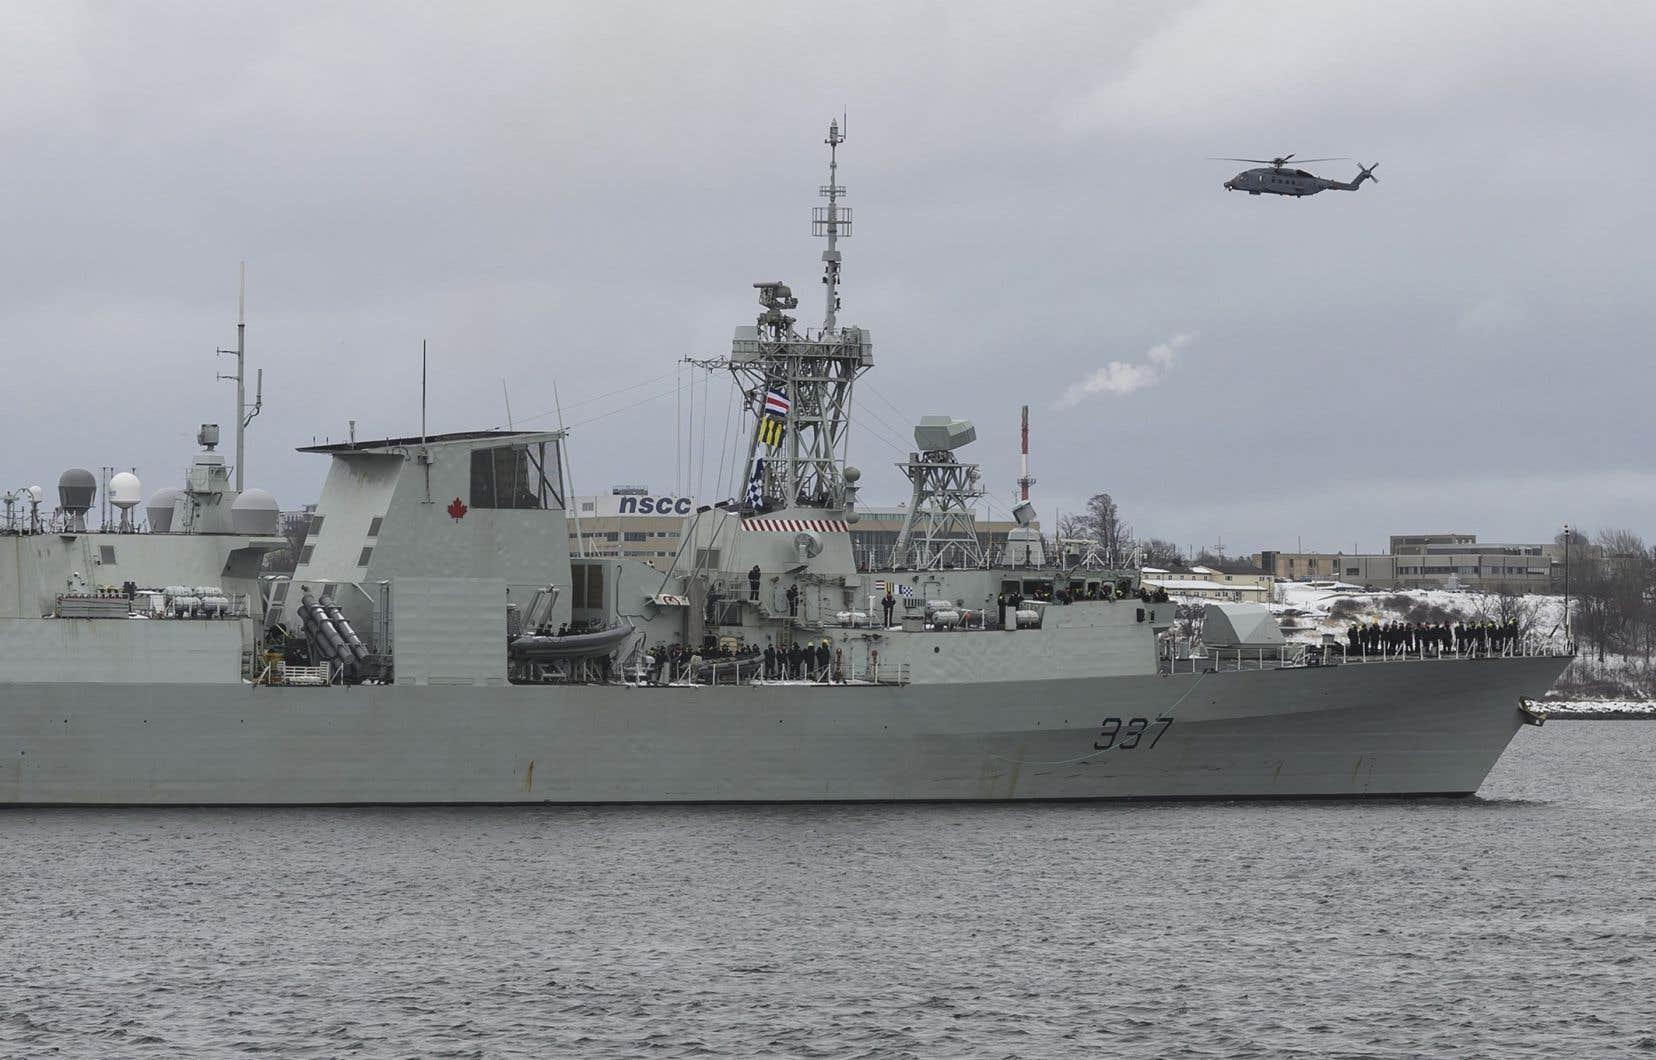 Les hélicoptères Cyclone transportent un équipage de quatre personnes, dont deux pilotes, un opérateur tactique et un opérateur de capteurs, mais peuvent aussi accueillir plusieurs passagers.